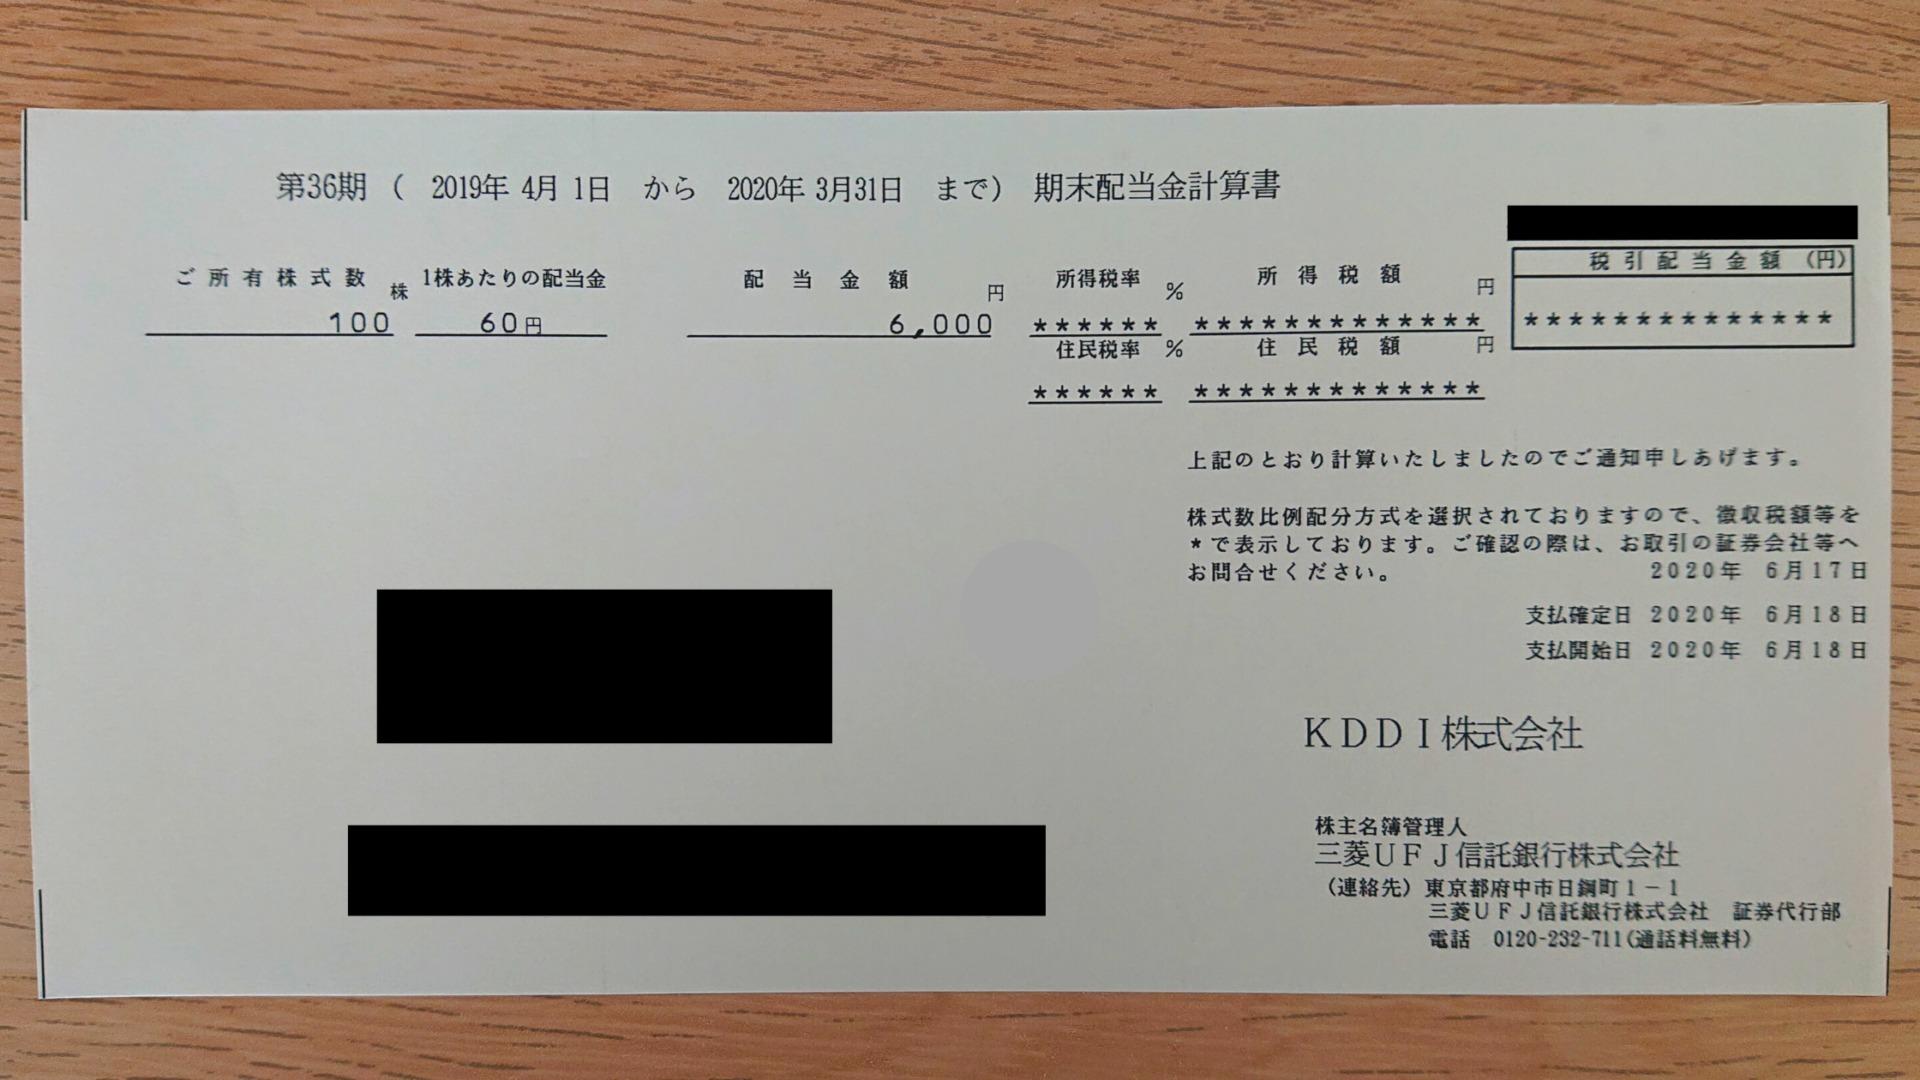 KDDI配当金